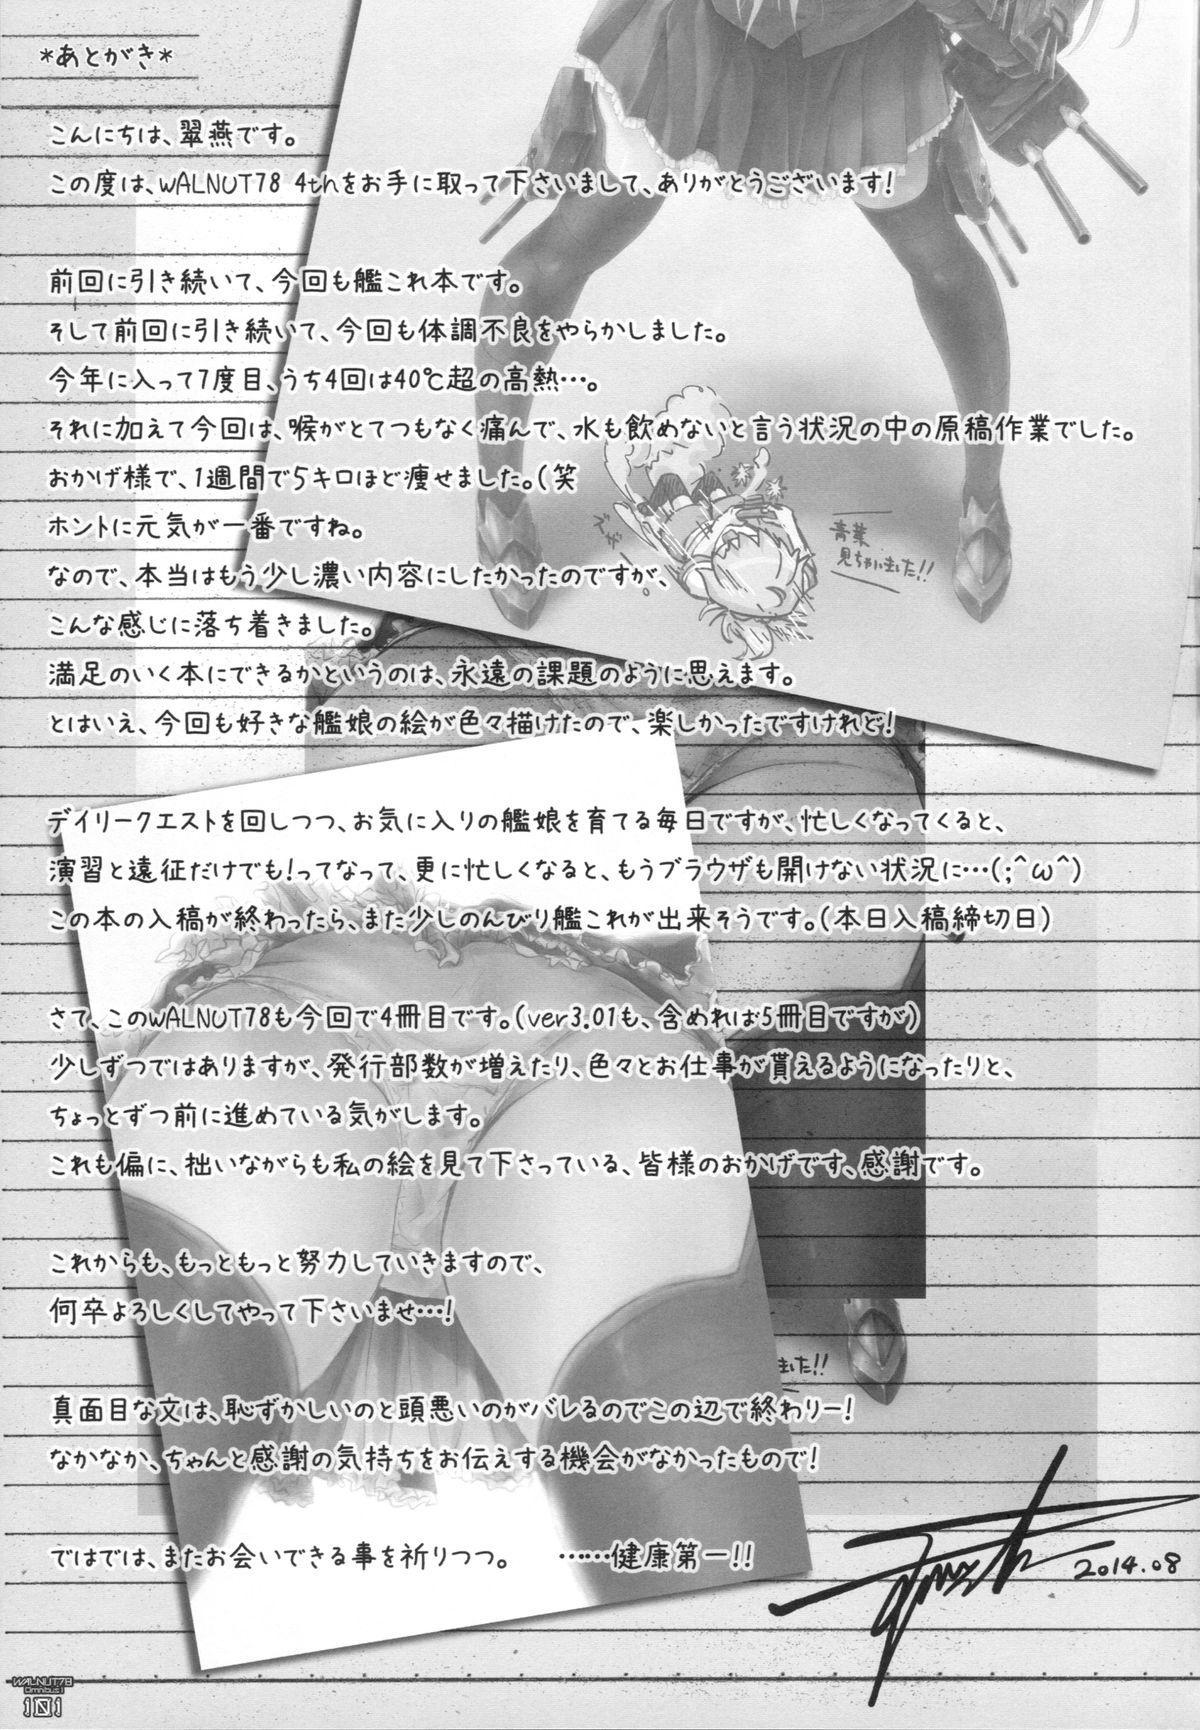 (C89) [Sui-en (Sui-en)] WALNUT78 Omnibus 1 -Suien-en Illustrations 2012-2014- (Various) 98